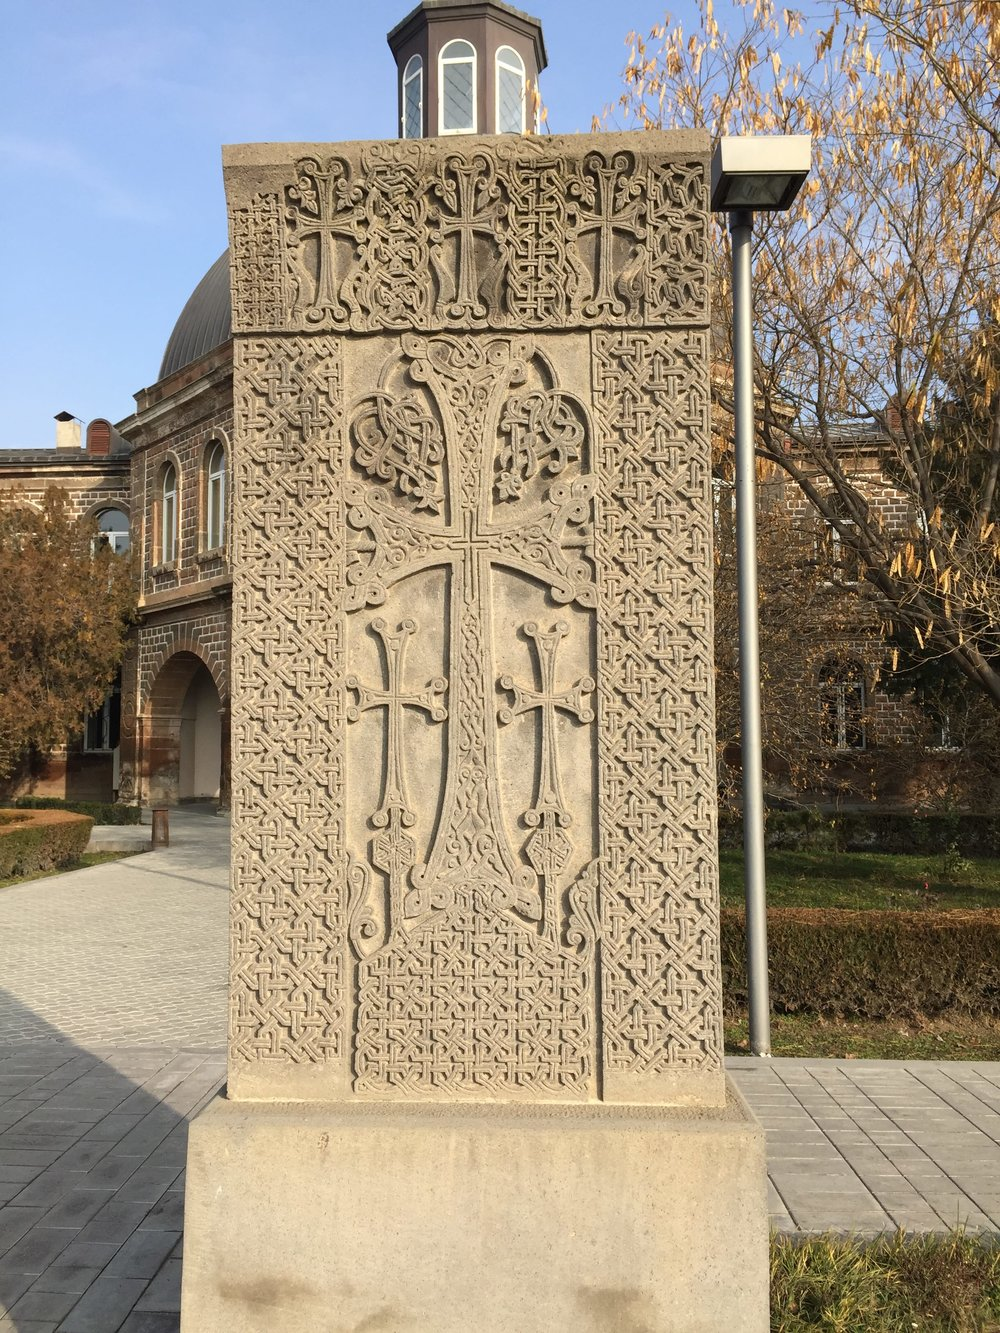 One of the many, beautifully designed khachkars (stone crosses) across Armenia.